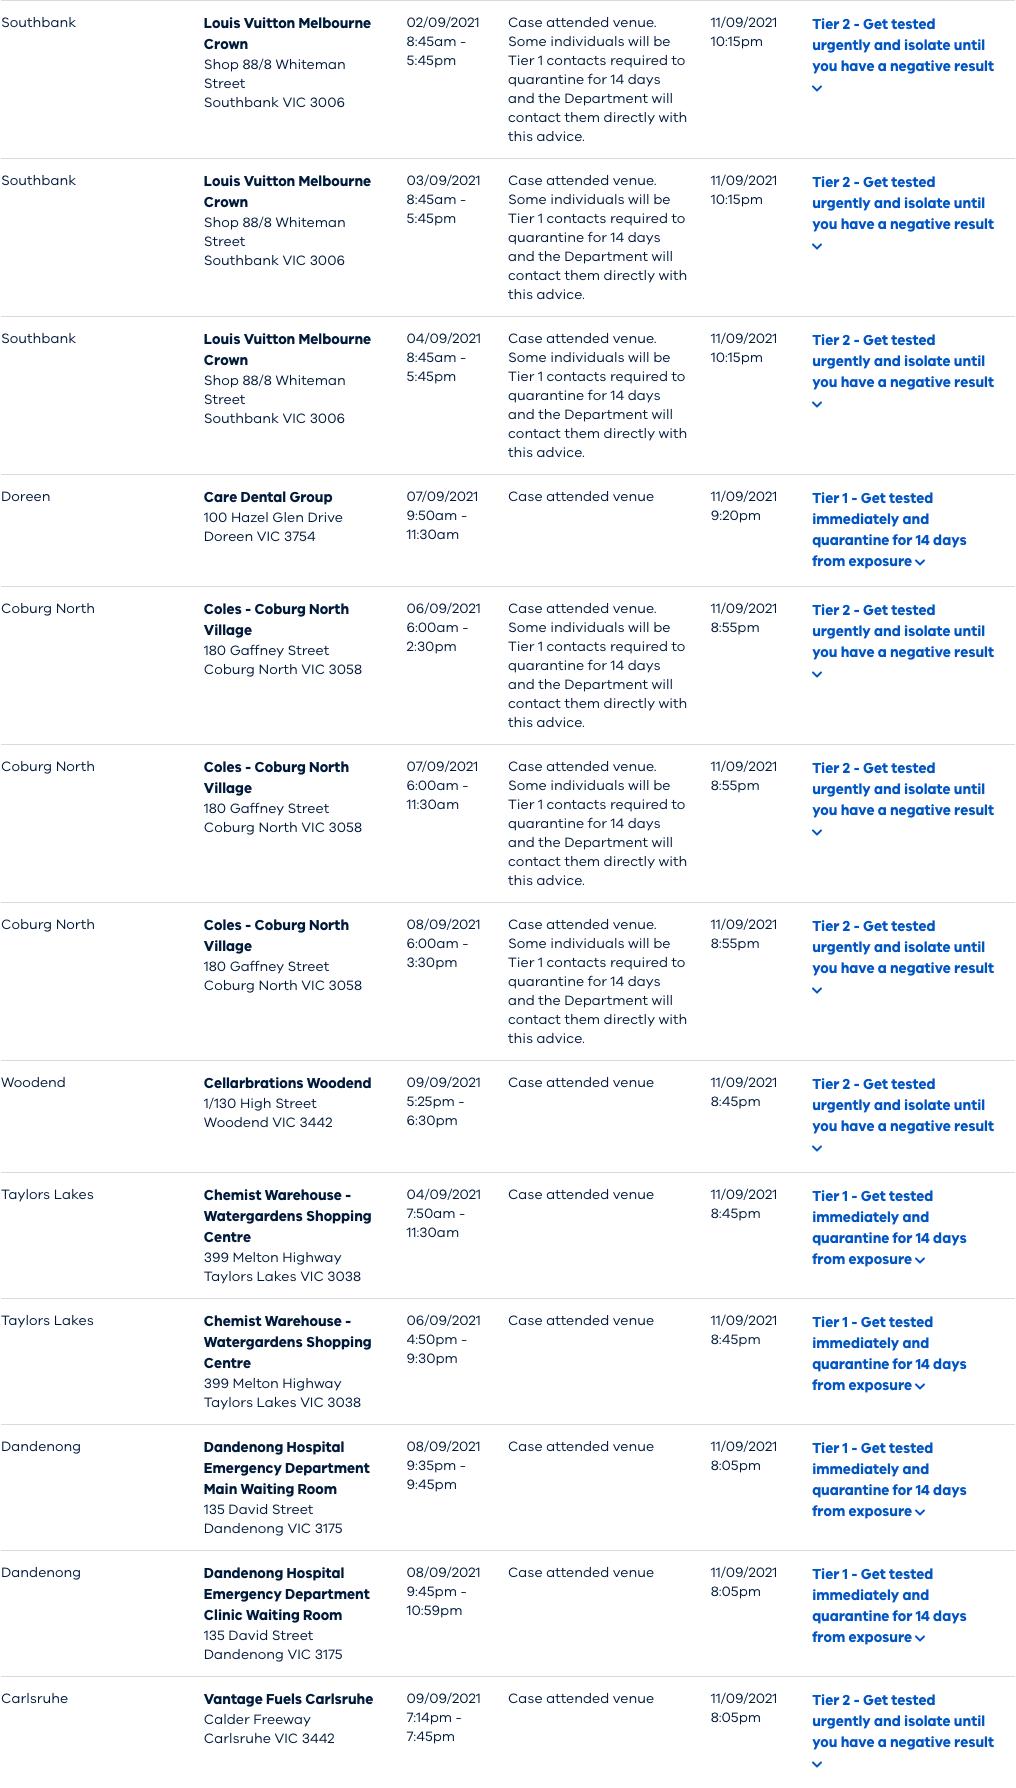 www.coronavirus.vic.gov.au_case-alerts-public-exposure-sites (10)的副本.png